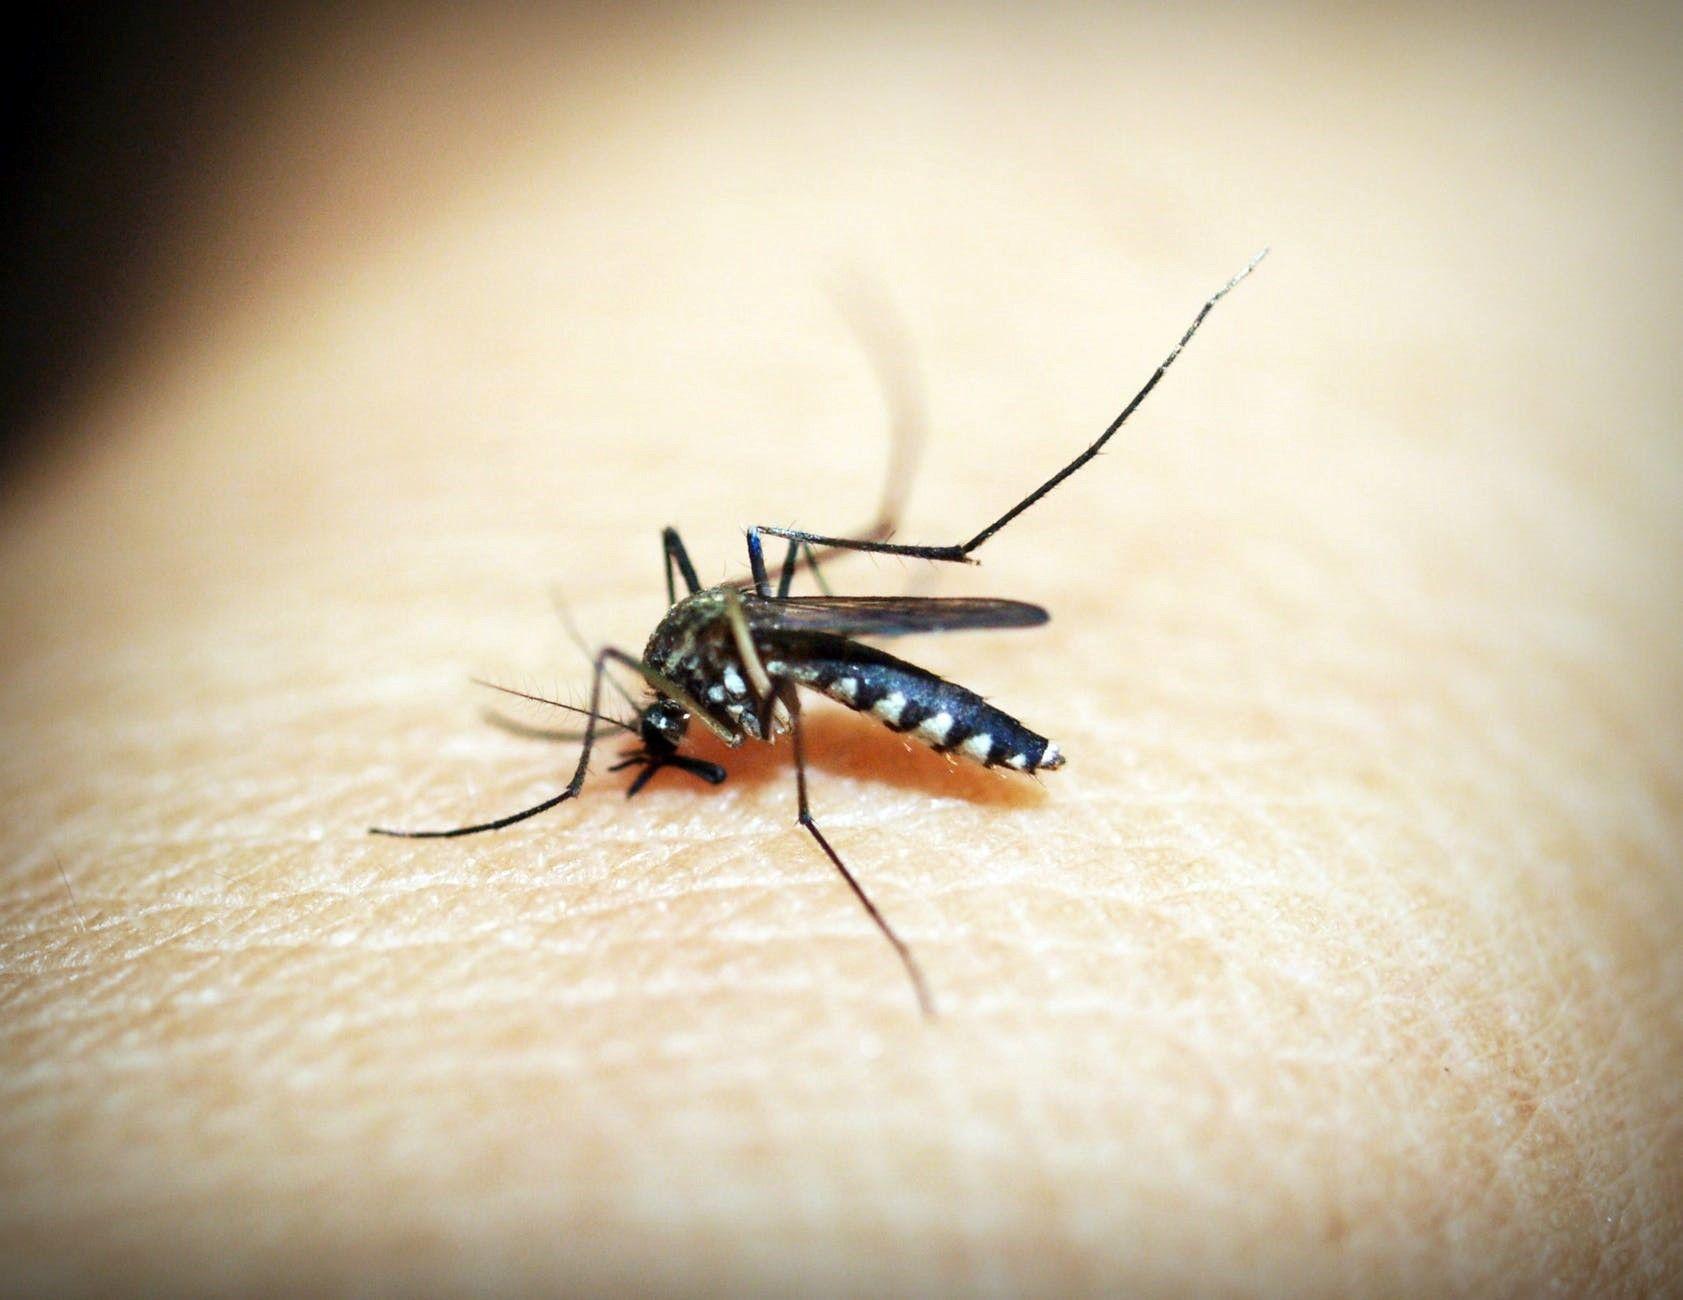 研究:干旱季节蚊子为维持体内水分平衡咬人更狠